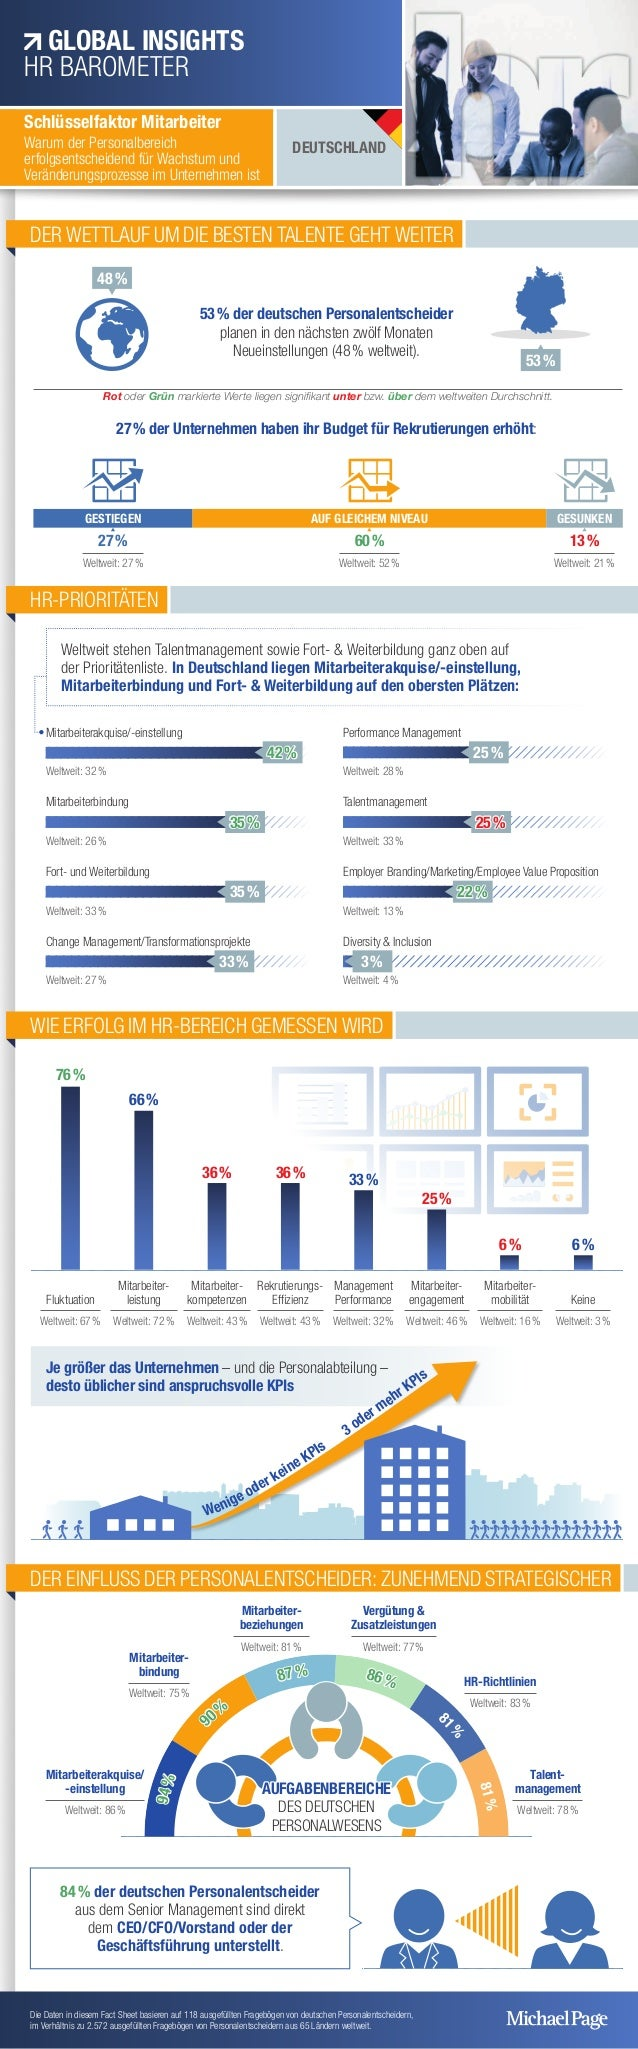 76% Mitarbeiterakquise/-einstellung 42% Weltweit: 32% Mitarbeiterbindung 35% Weltweit: 26% Fort- und Weiterbildung 35...